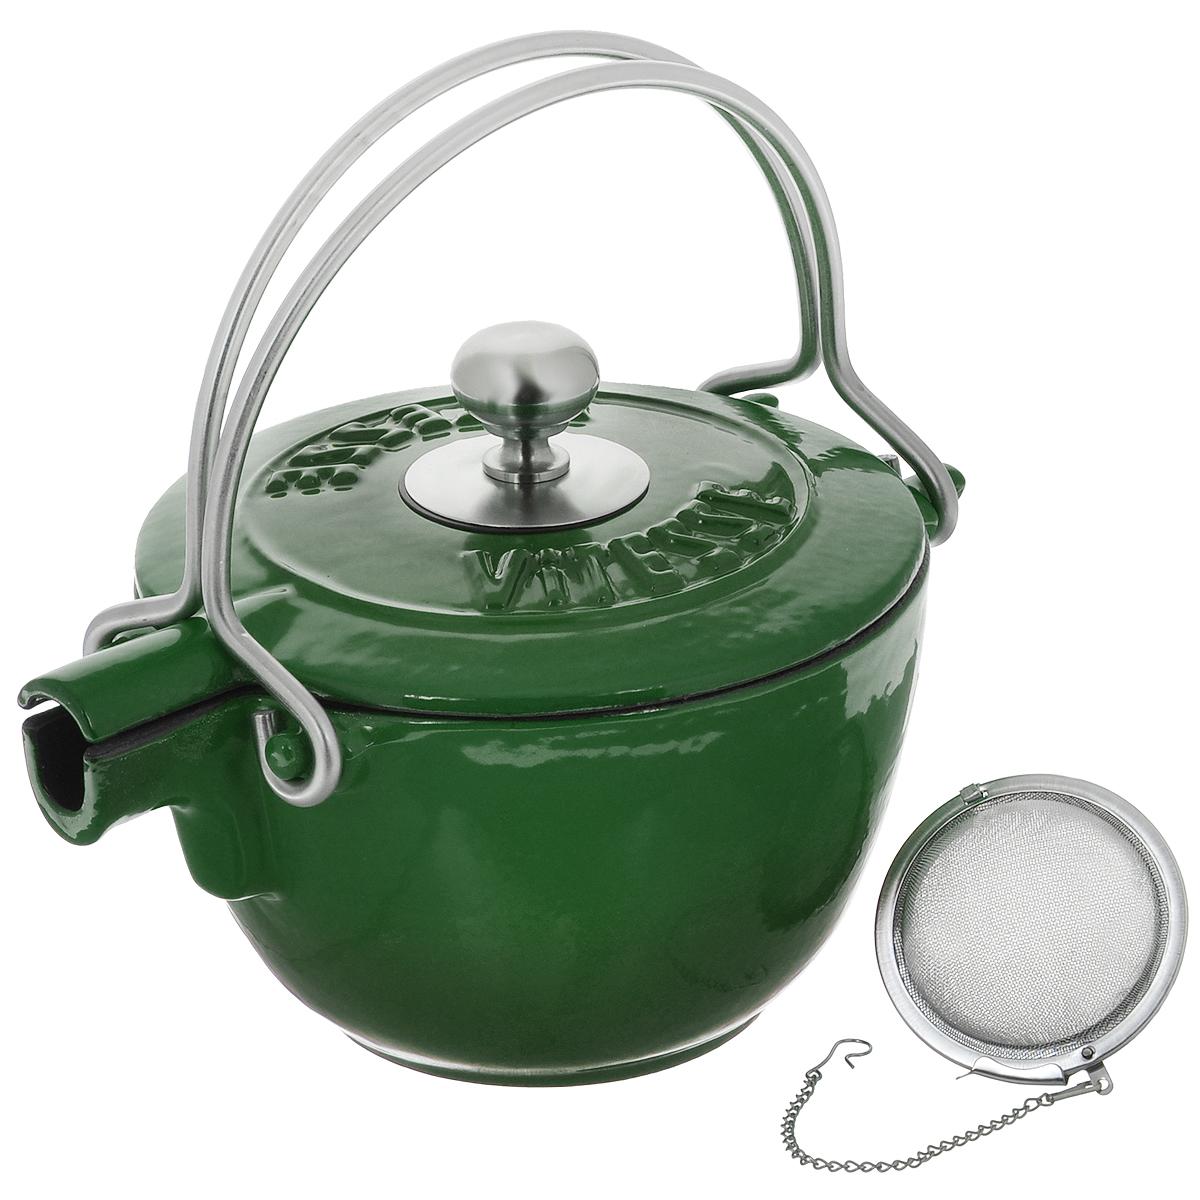 Чайник заварочный Vitesse Ferro, с ситечком, цвет: зеленый, 1,15 лVS-2329_зеленыйЗаварочный чайник Vitesse Ferro изготовлен из чугуна с эмалированной внутренней и внешней поверхностью. Эмалированный чугун - это железо, на которое наложено прочное стекловидное эмалевое покрытие. Такая посуда отлично подходит для приготовления традиционной здоровой пищи. Чугун является наилучшим материалом, который долго удерживает и равномерно распределяет тепло. Благодаря особым качествам эмали, чем дольше вы используете посуду, тем лучше становятся ее эксплуатационные характеристики. Чугун обладает высокой прочностью, износоустойчивостью и антикоррозийными свойствами. Чайник оснащен двумя металлическими ручками и крышкой. Металлическое ситечко на цепочке с крючком - в комплекте. Можно готовить на газовых, электрических, стеклокерамических, галогенных, индукционных плитах. Подходит для мытья в посудомоечной машине. Высота чайника (без учета ручки и крышки): 10,5 см. Диаметр чайника (по верхнему краю): 15,5 см. Диаметр ситечка: 6 см....